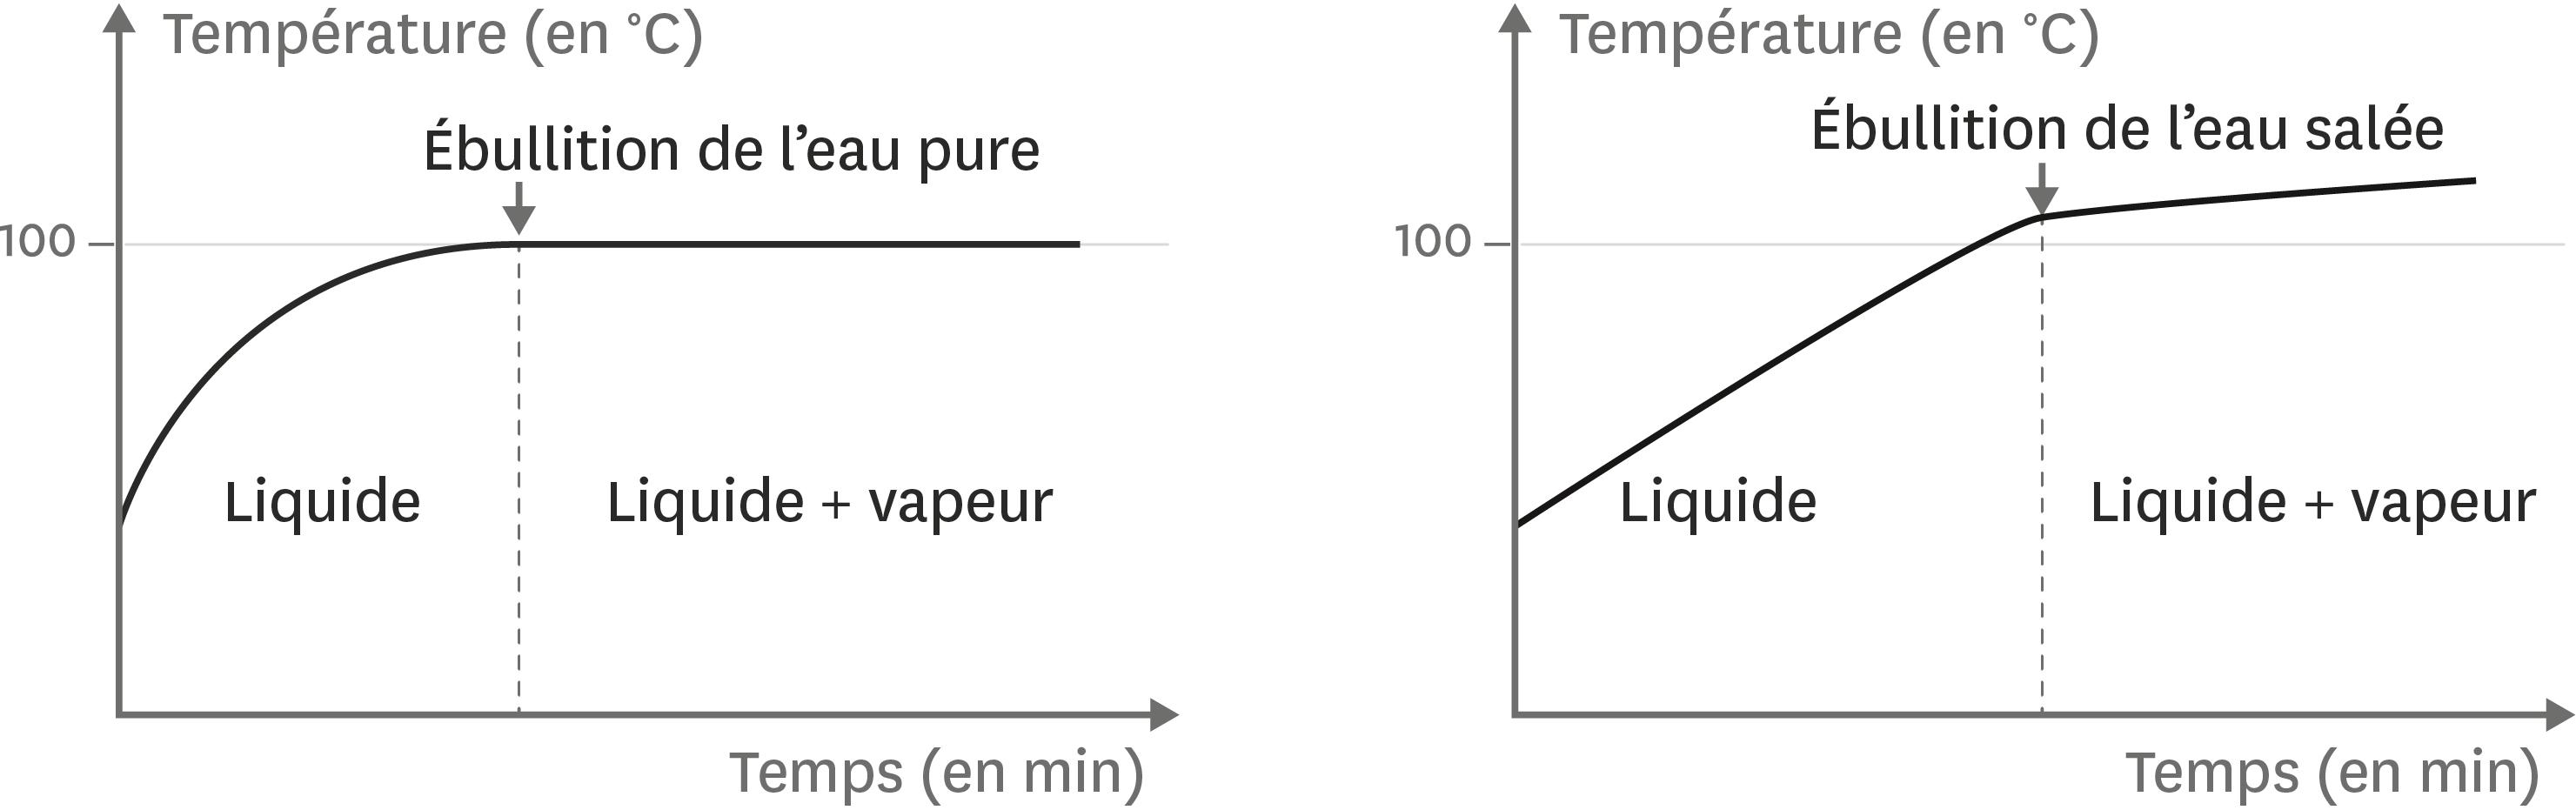 Température de l'eau pure et de l'eau salée en fonction de la durée du chauffage